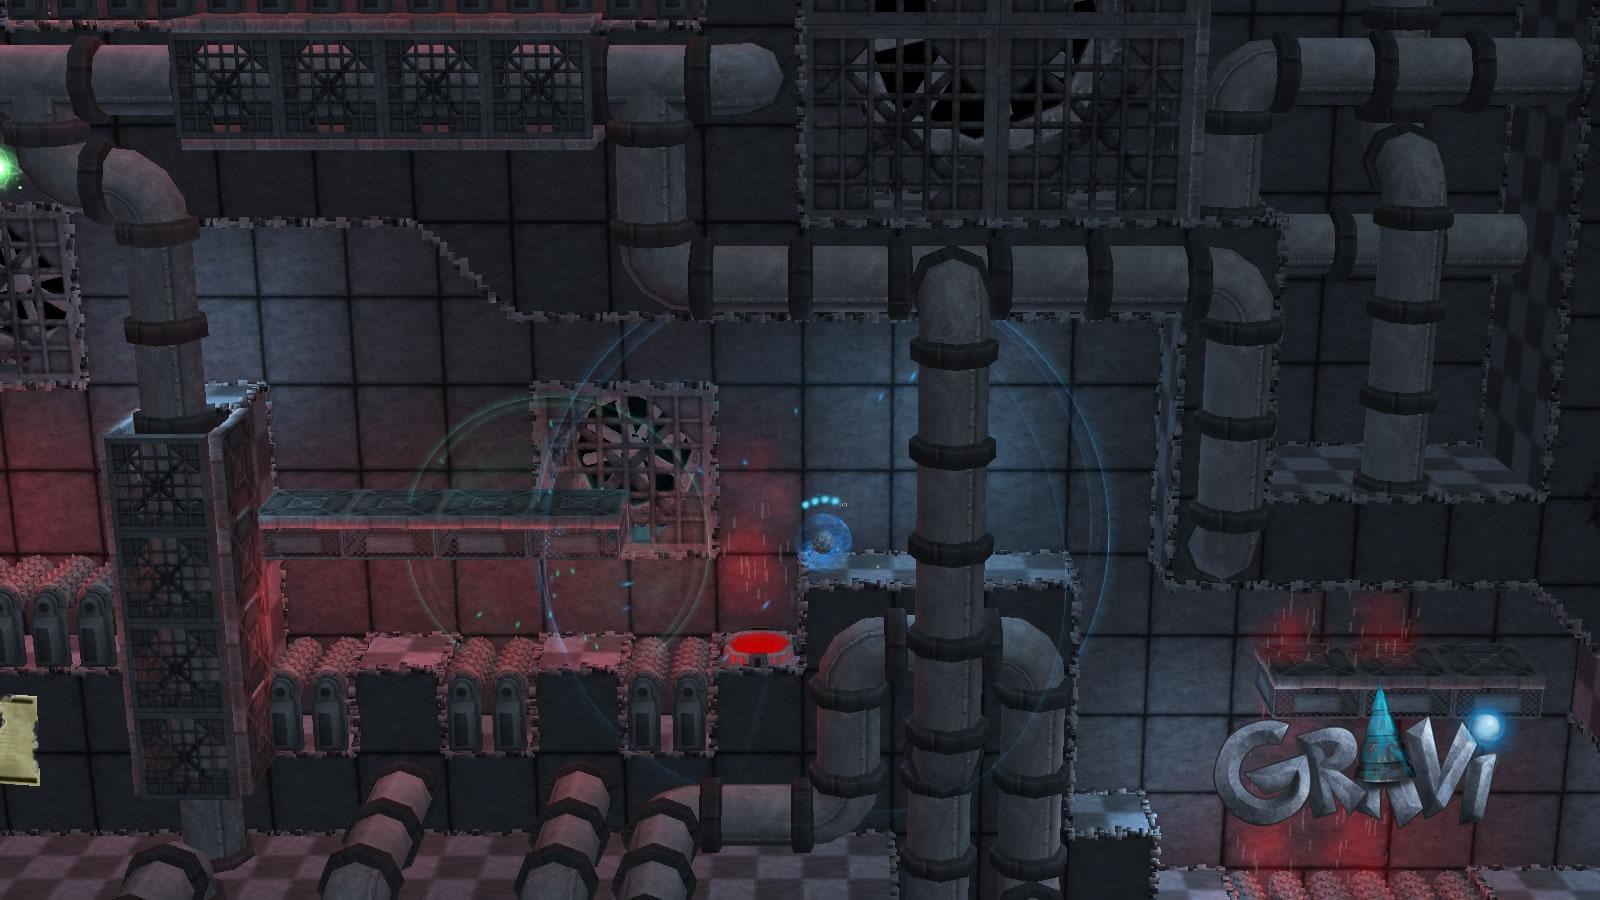 Gravi screenshot